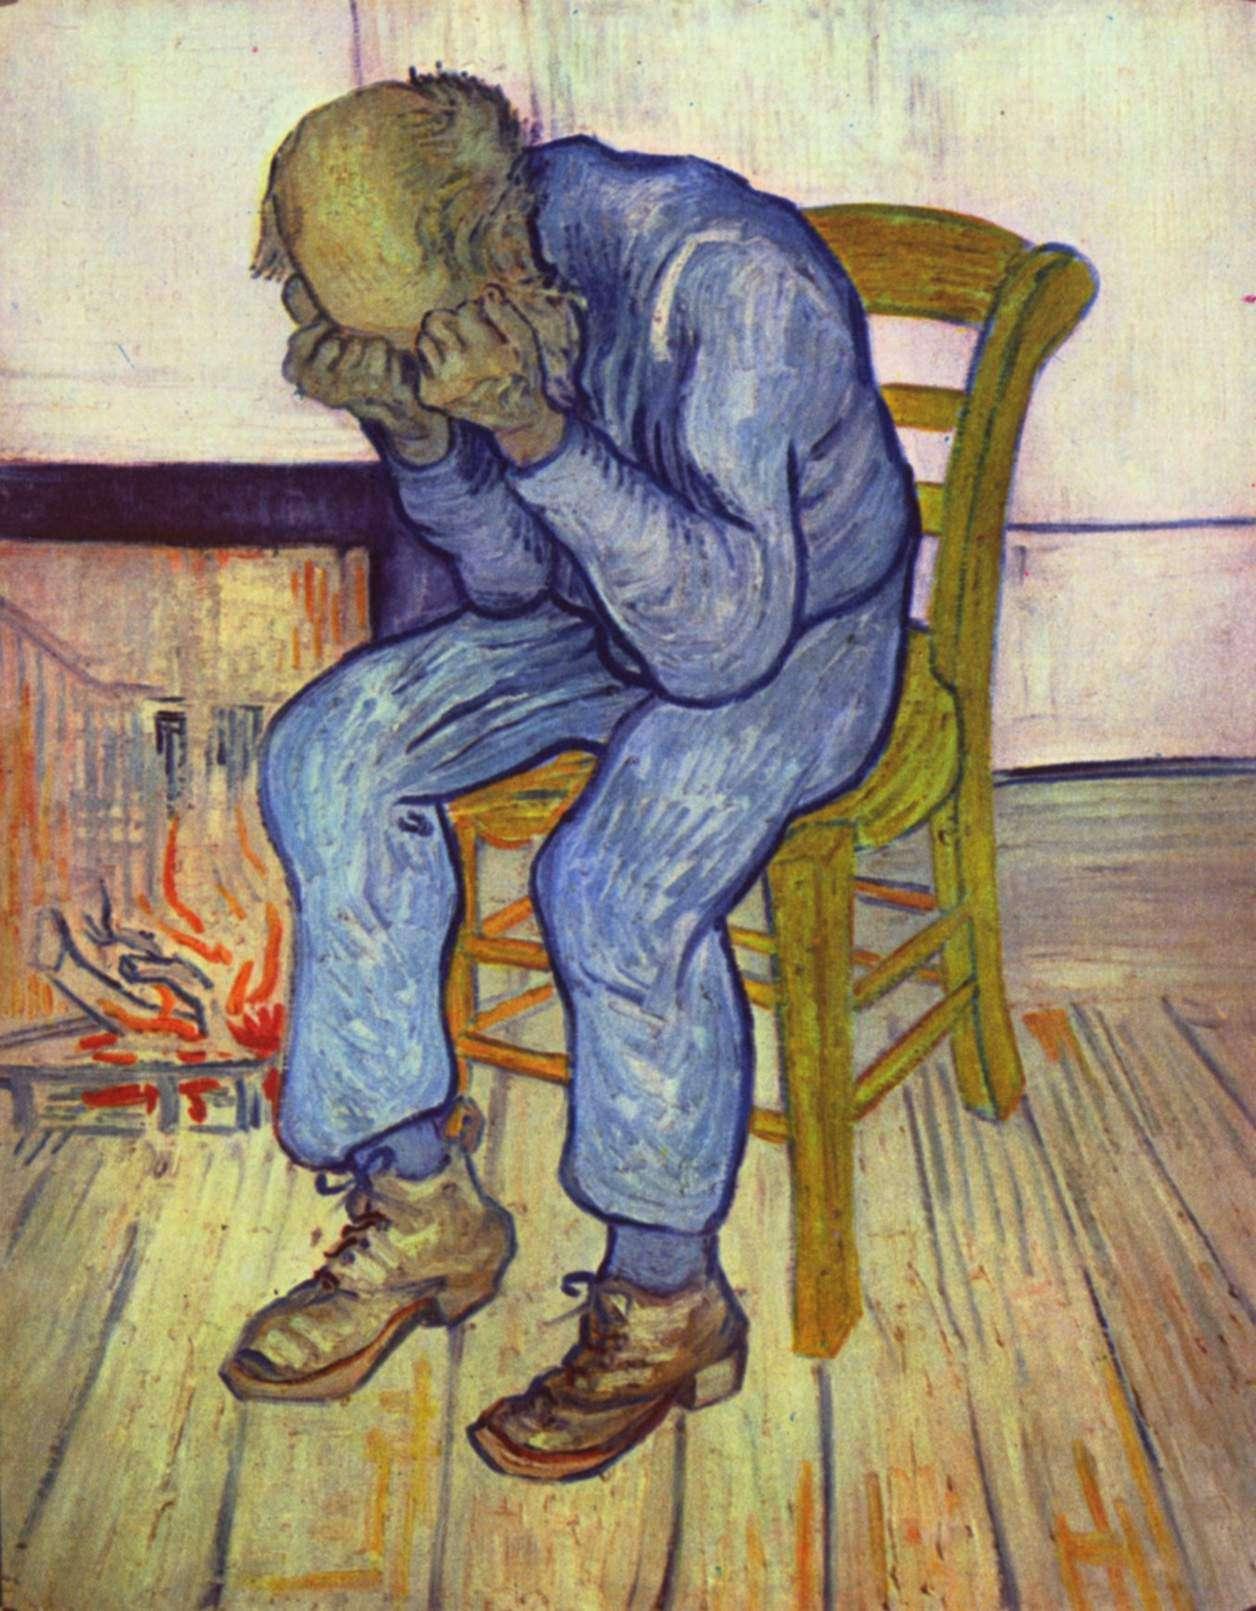 Le peintre Vincent van Gogh s'est suicidé en 1890 après plusieurs années de dépression. © The Yorck Project, Wikimedia Commons, PD